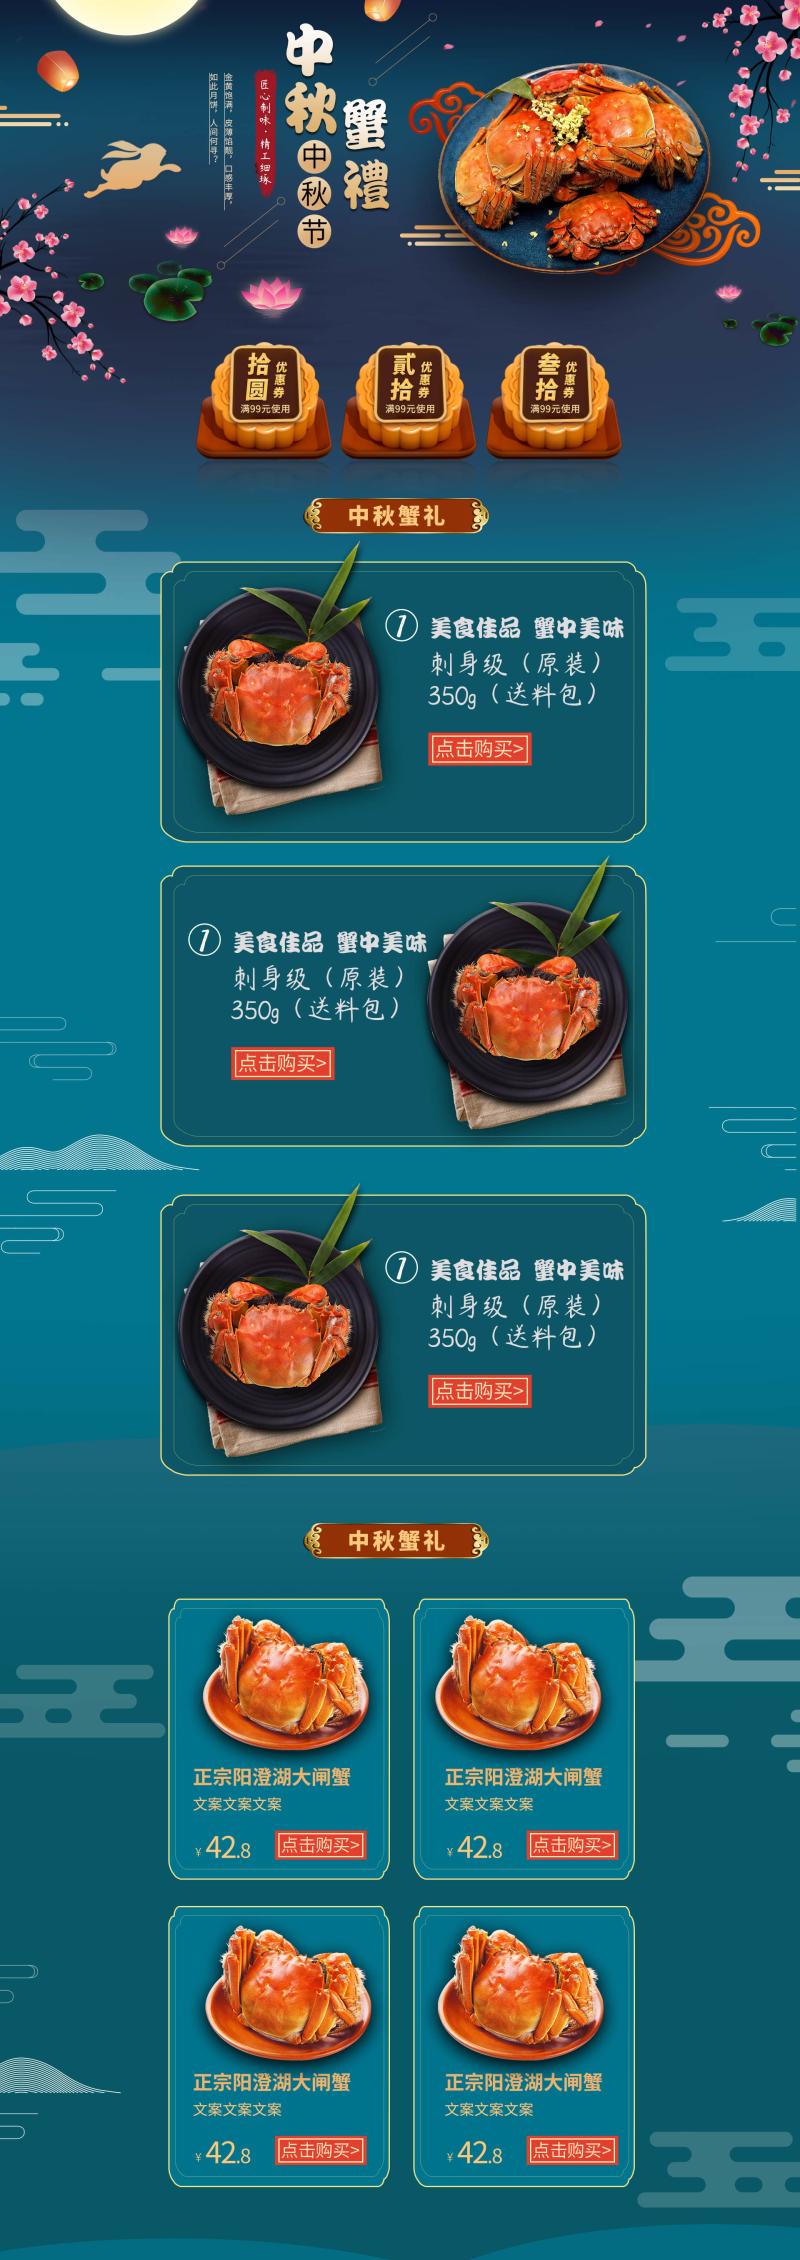 淘宝中秋节大闸蟹美食店铺装修模板